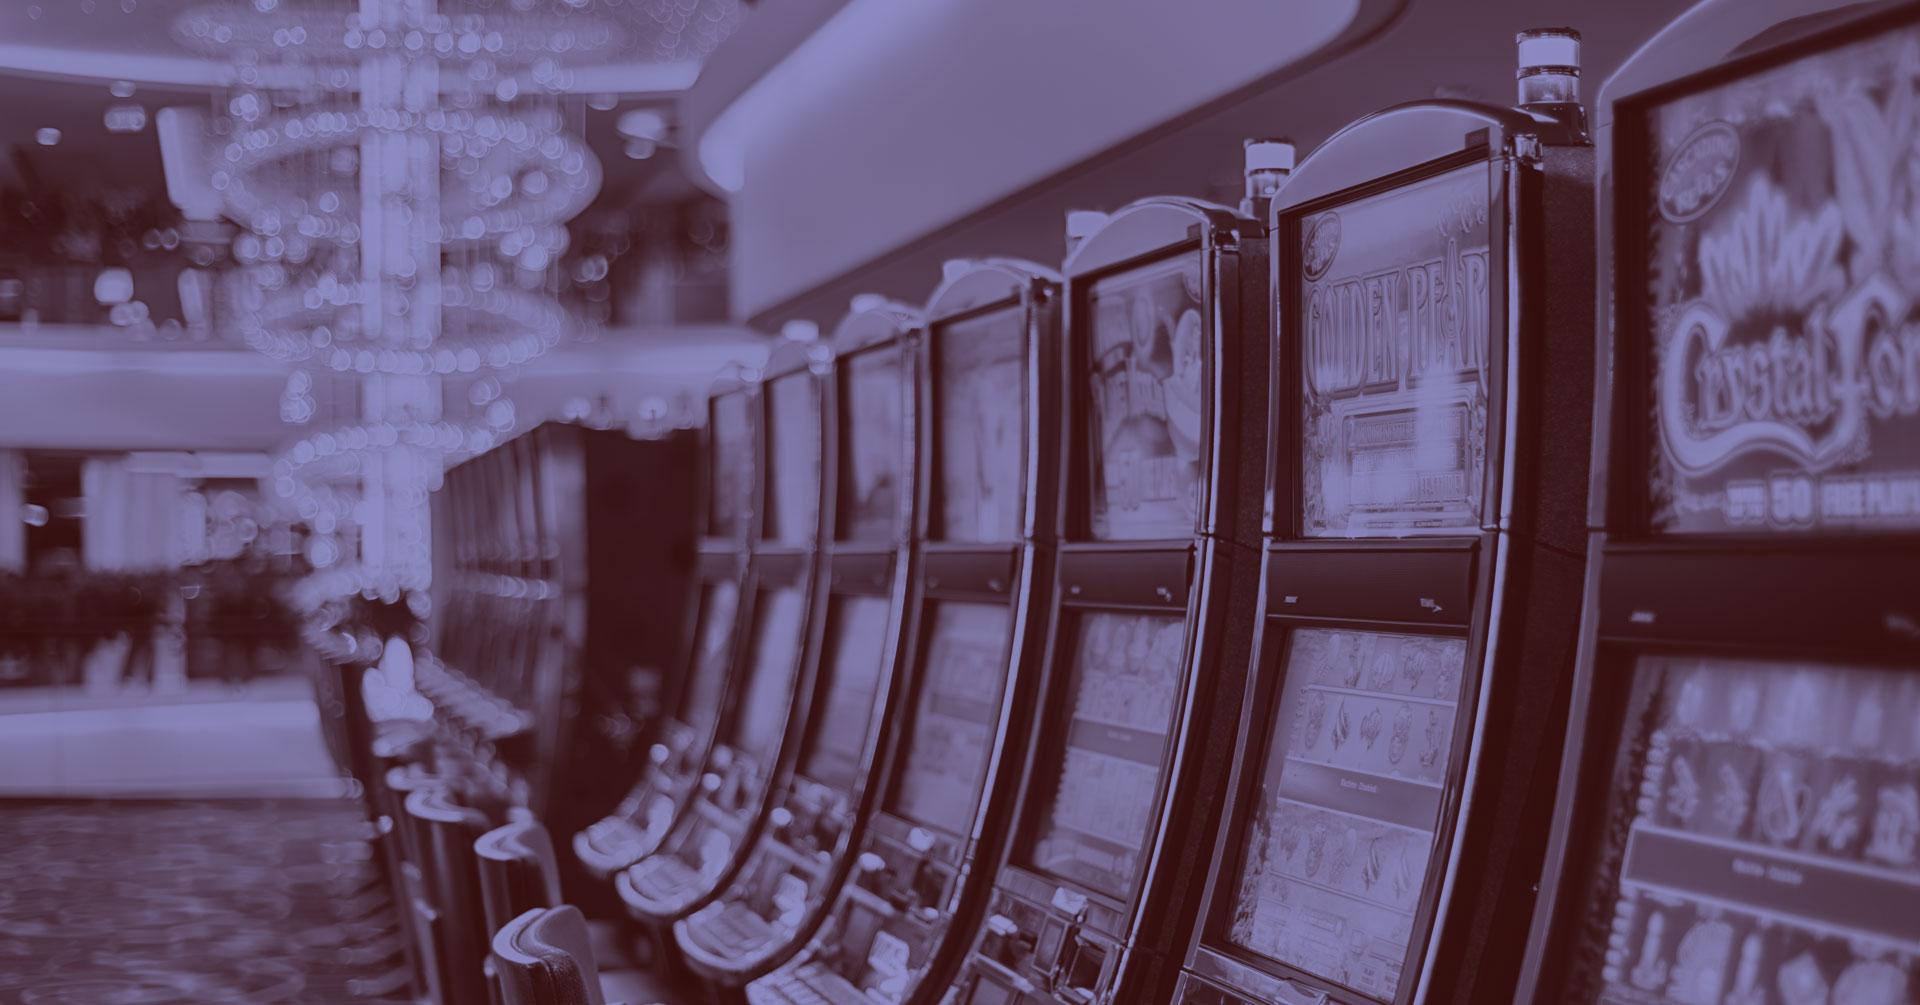 Sedan 1996 har casniobranschen i USA satsat motsvarande 220 miljoner kronor på ett nationellt center för ansvarsfullt spelande